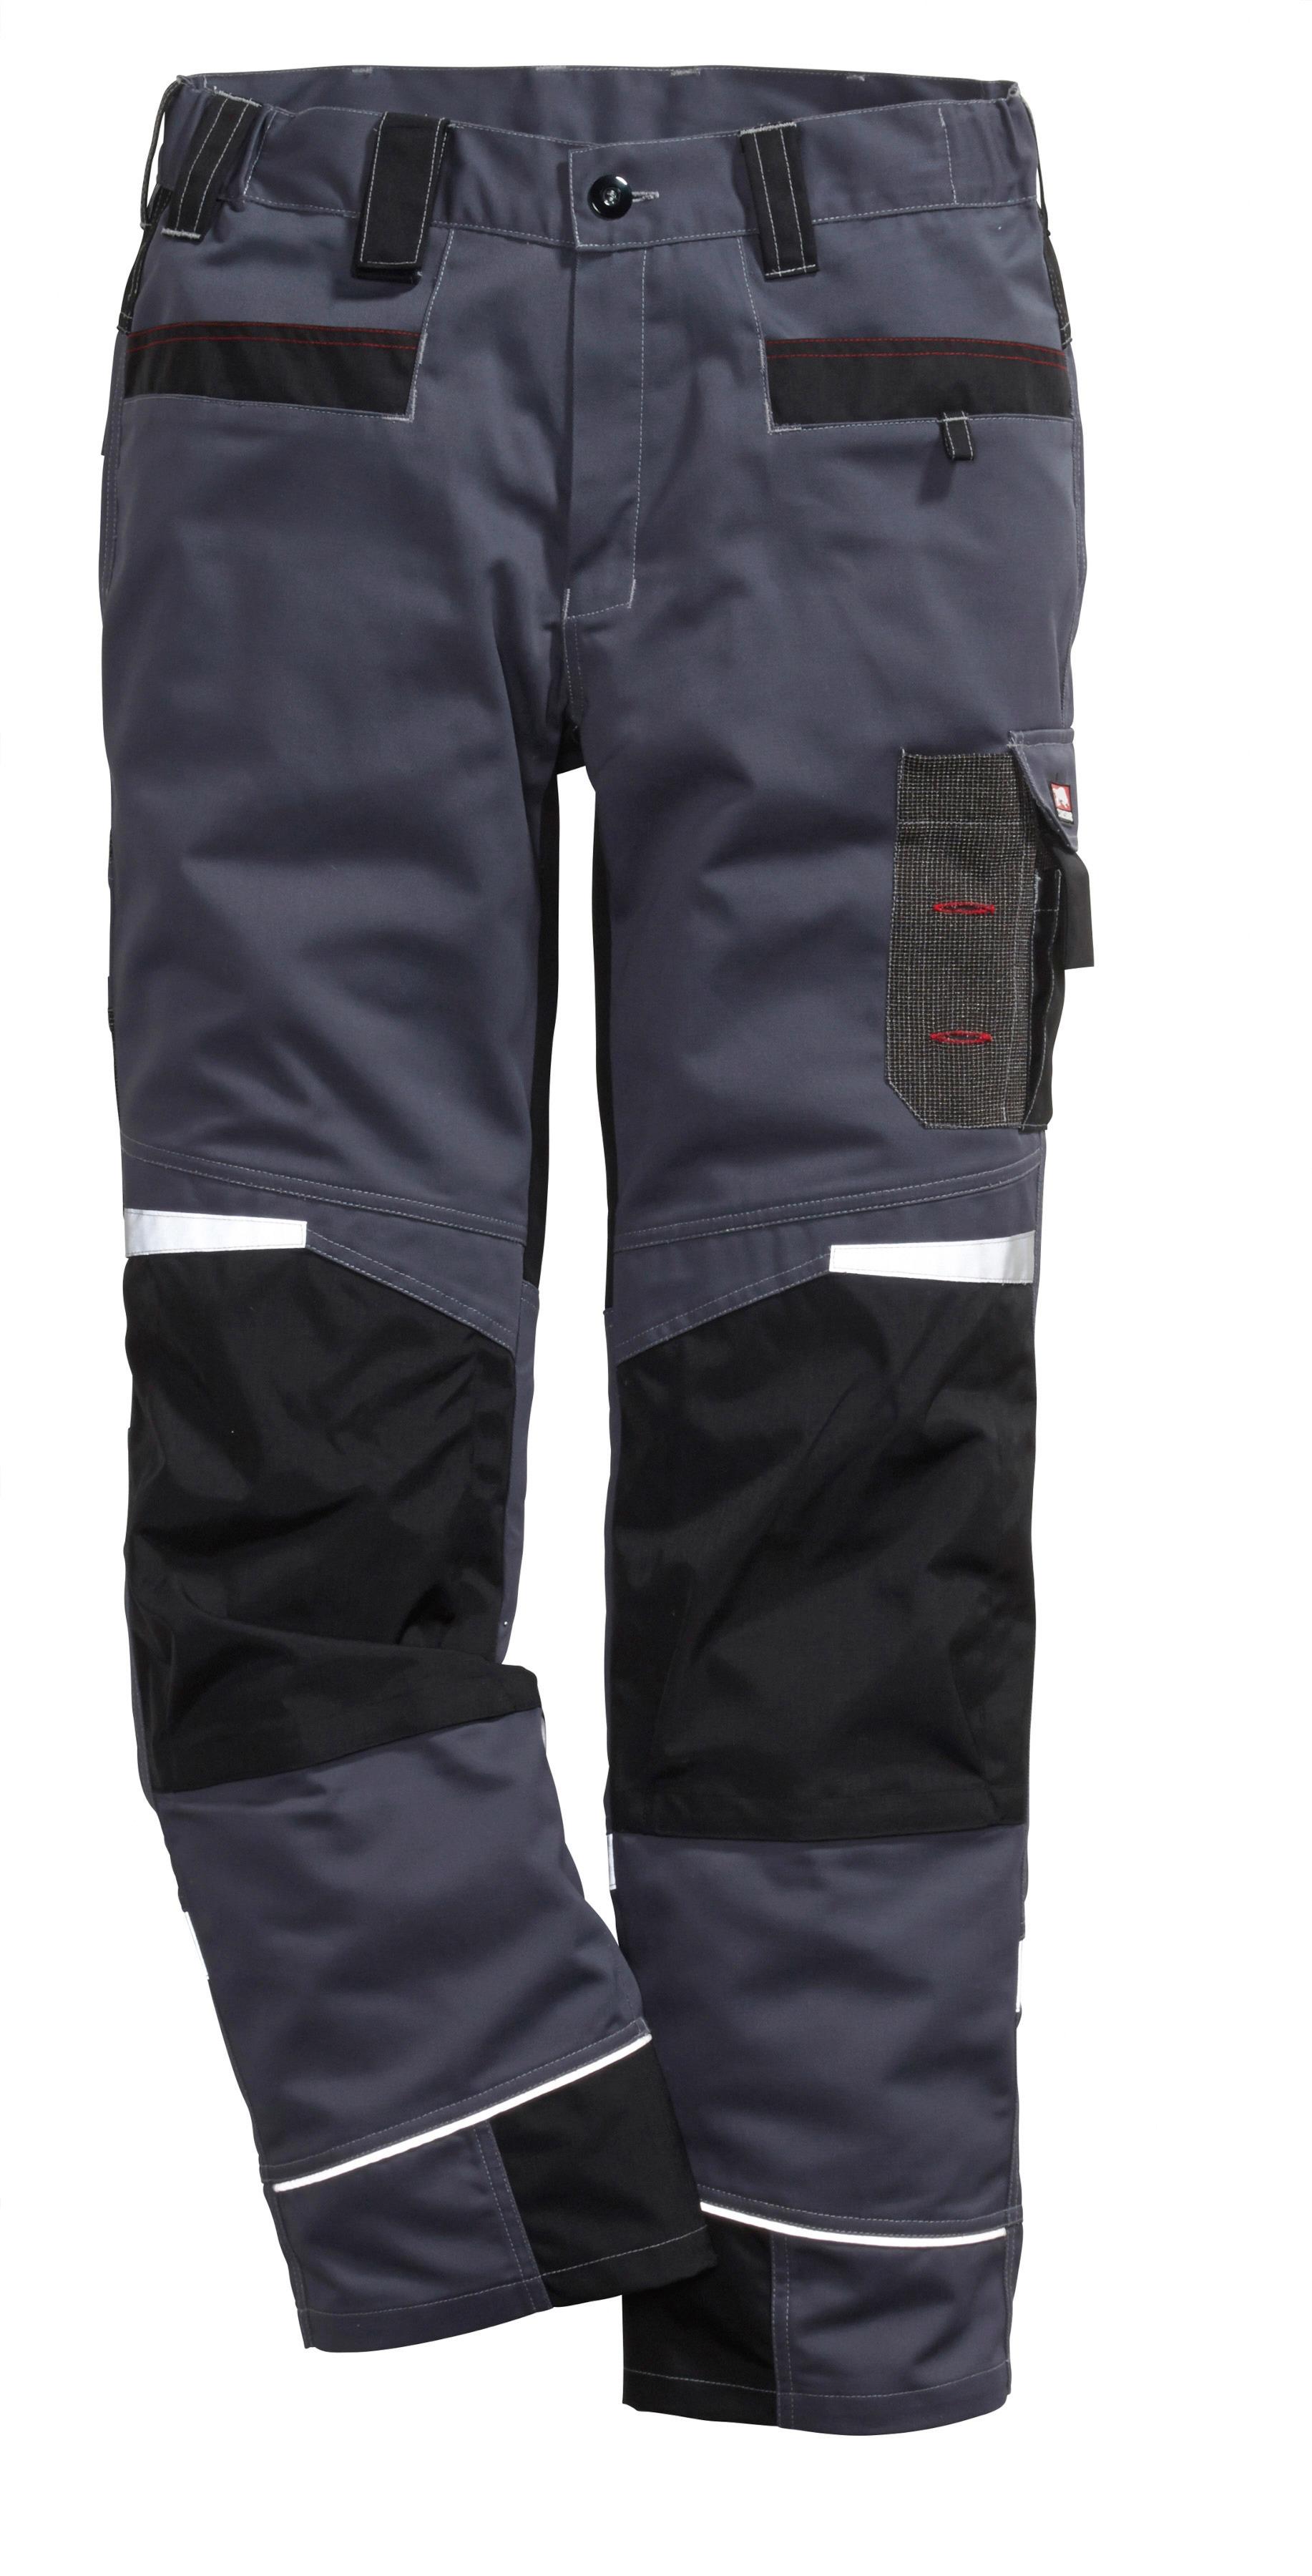 Bullstar Arbeitshose, mit Handytasche grau Herren Arbeitshosen Arbeits- Berufsbekleidung Arbeitshose